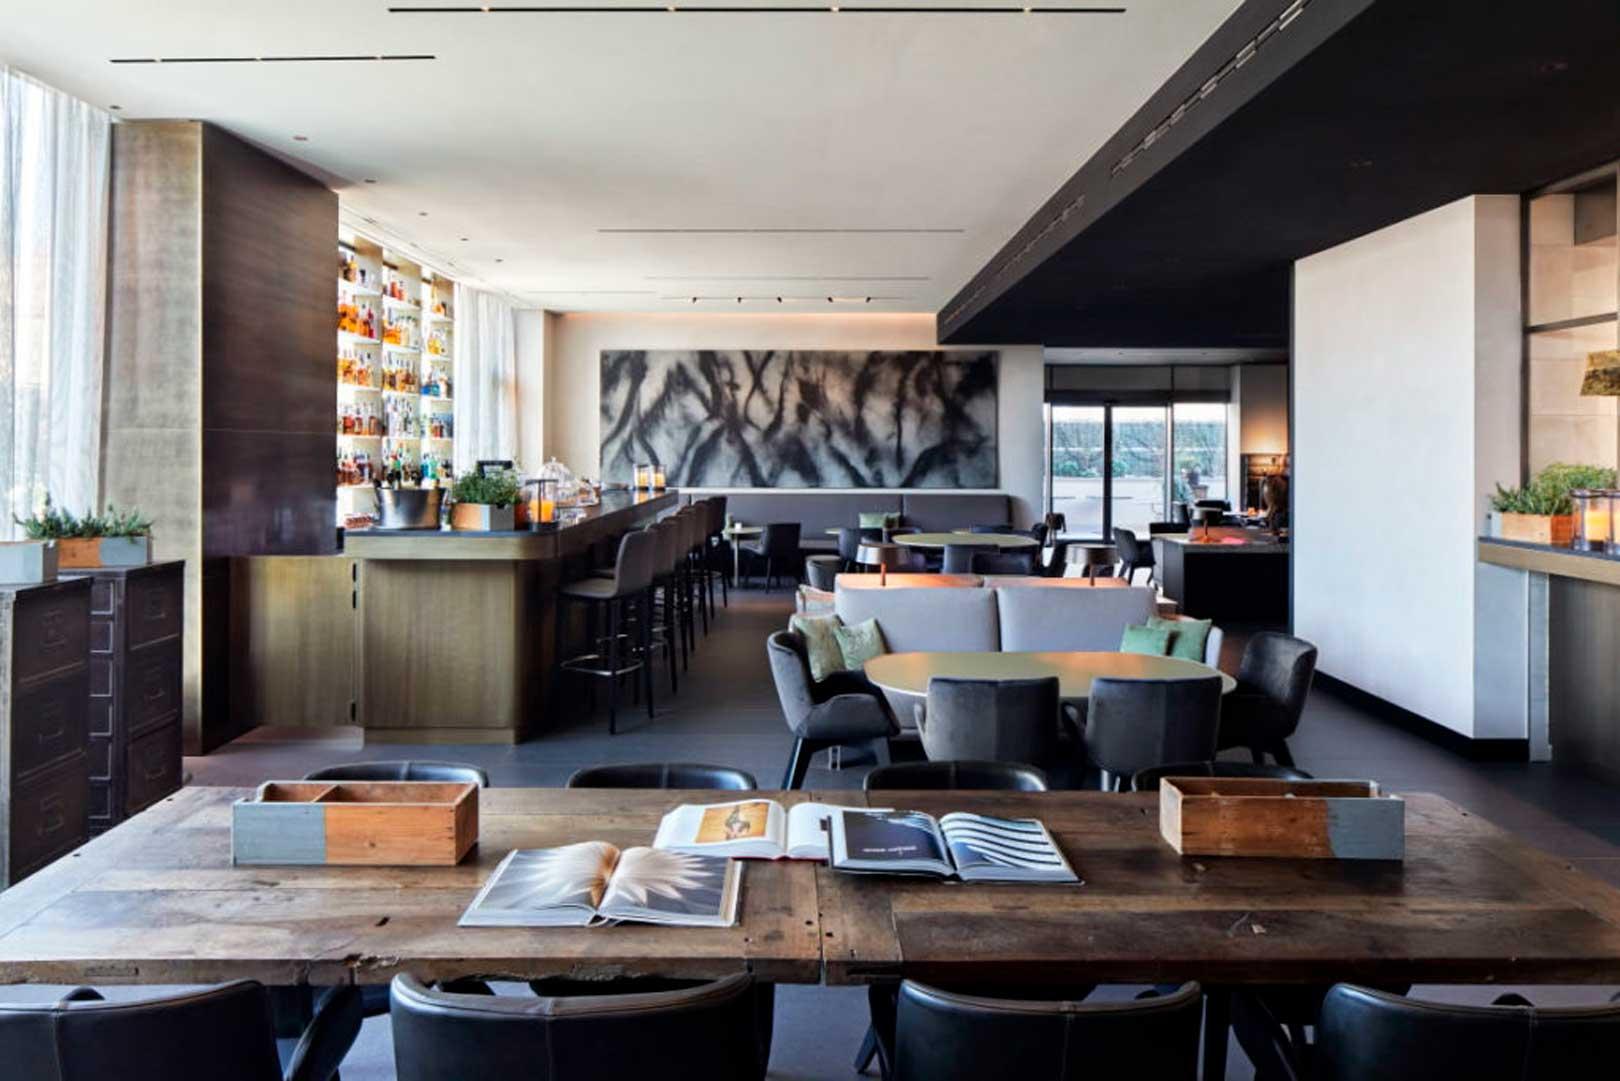 Bulk Mixology Food & Bar - Milano